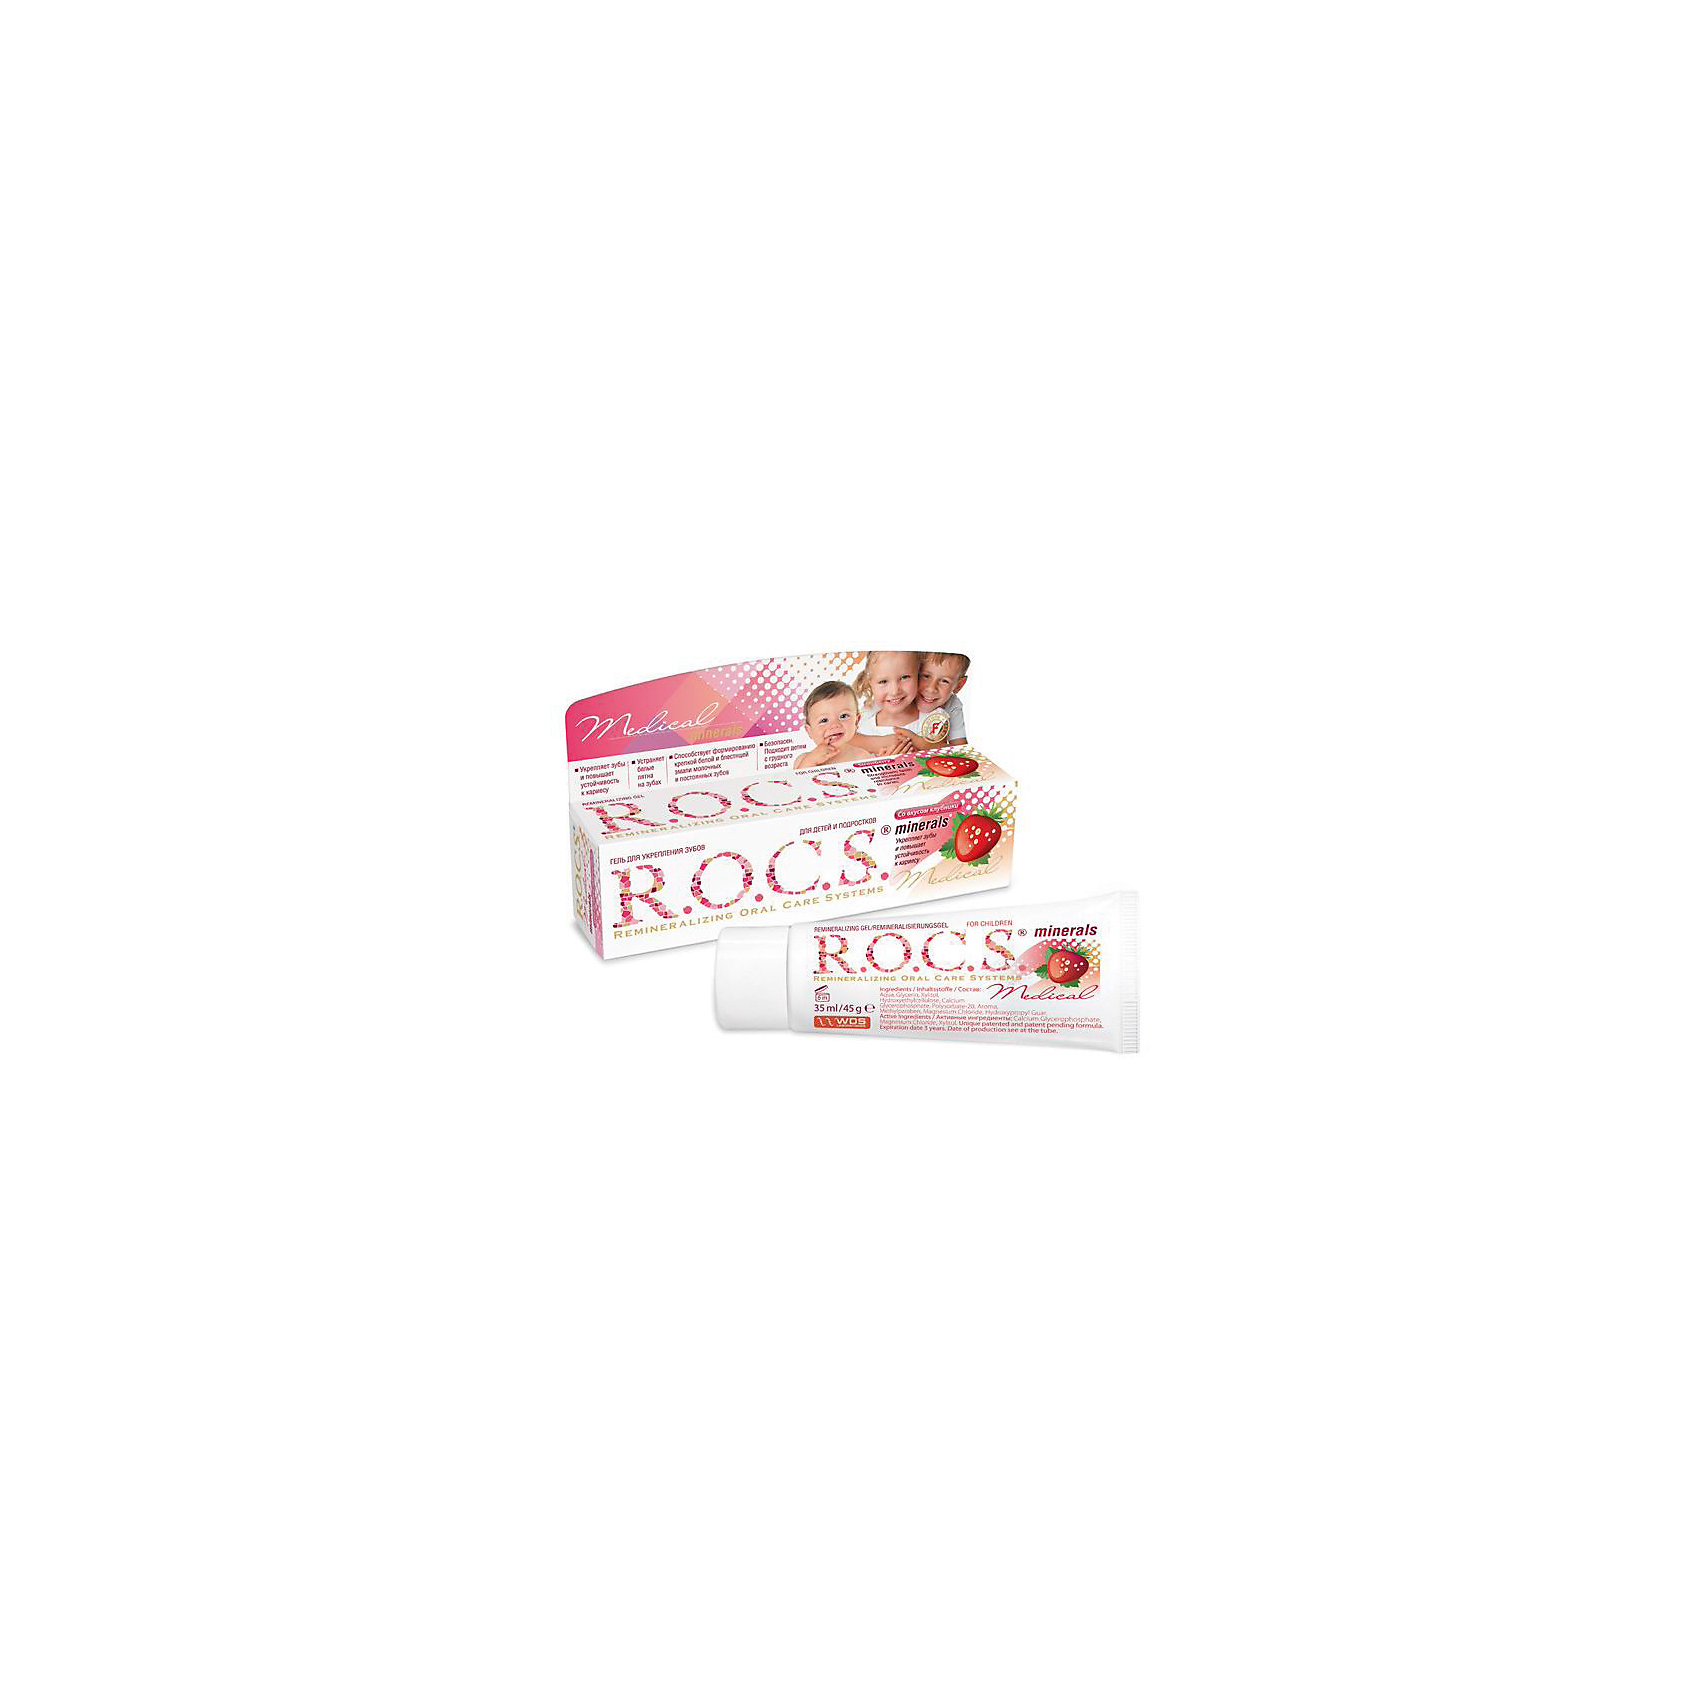 R.O.C.S. Гель для укрепления зубов Medical Minerals для детей и подростков со вкусом клубники, 45 гр., ROCS